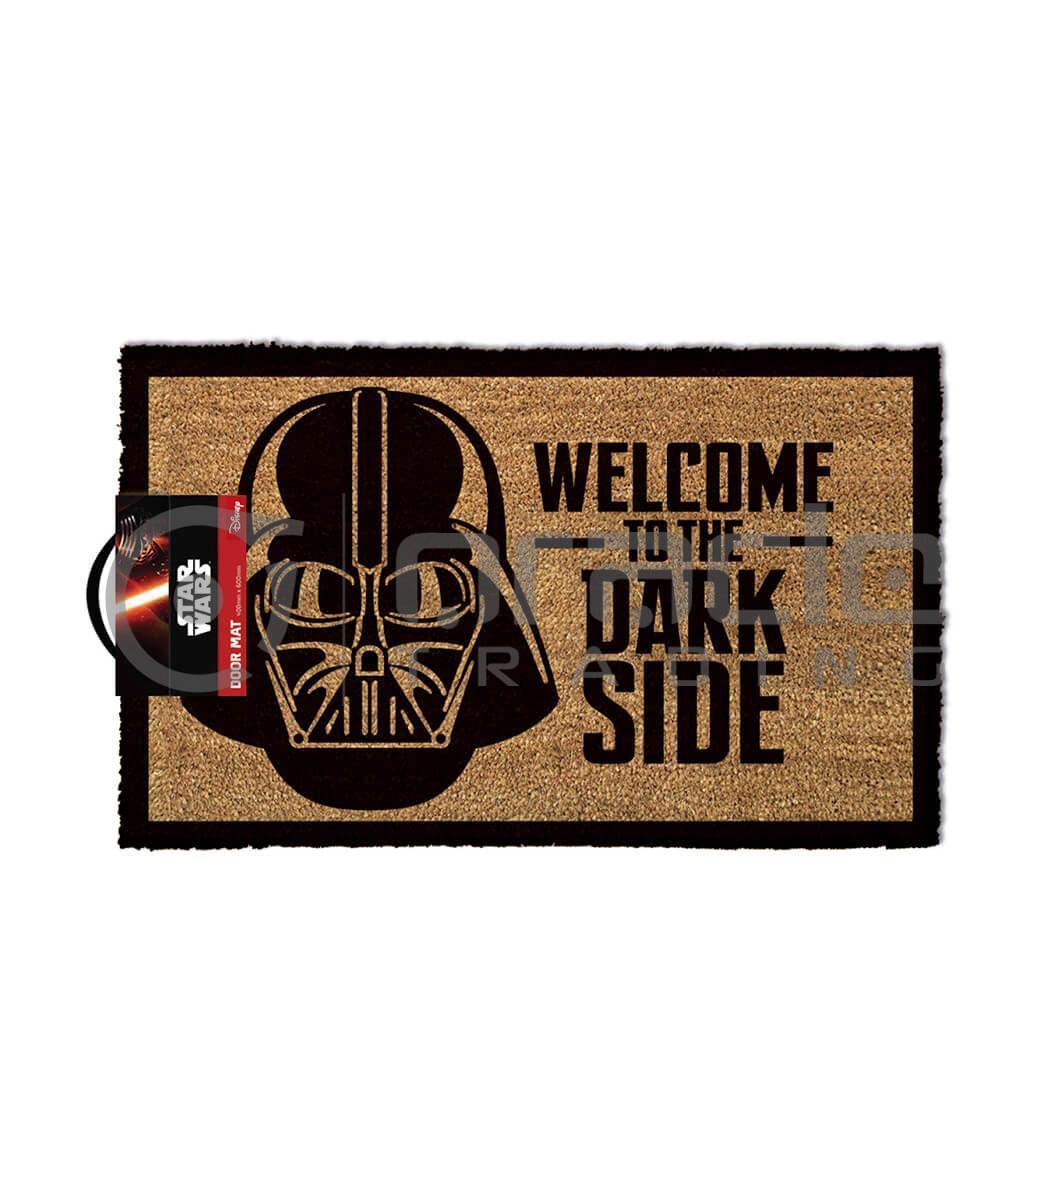 Star Wars Doormat - Welcome to the Dark Side